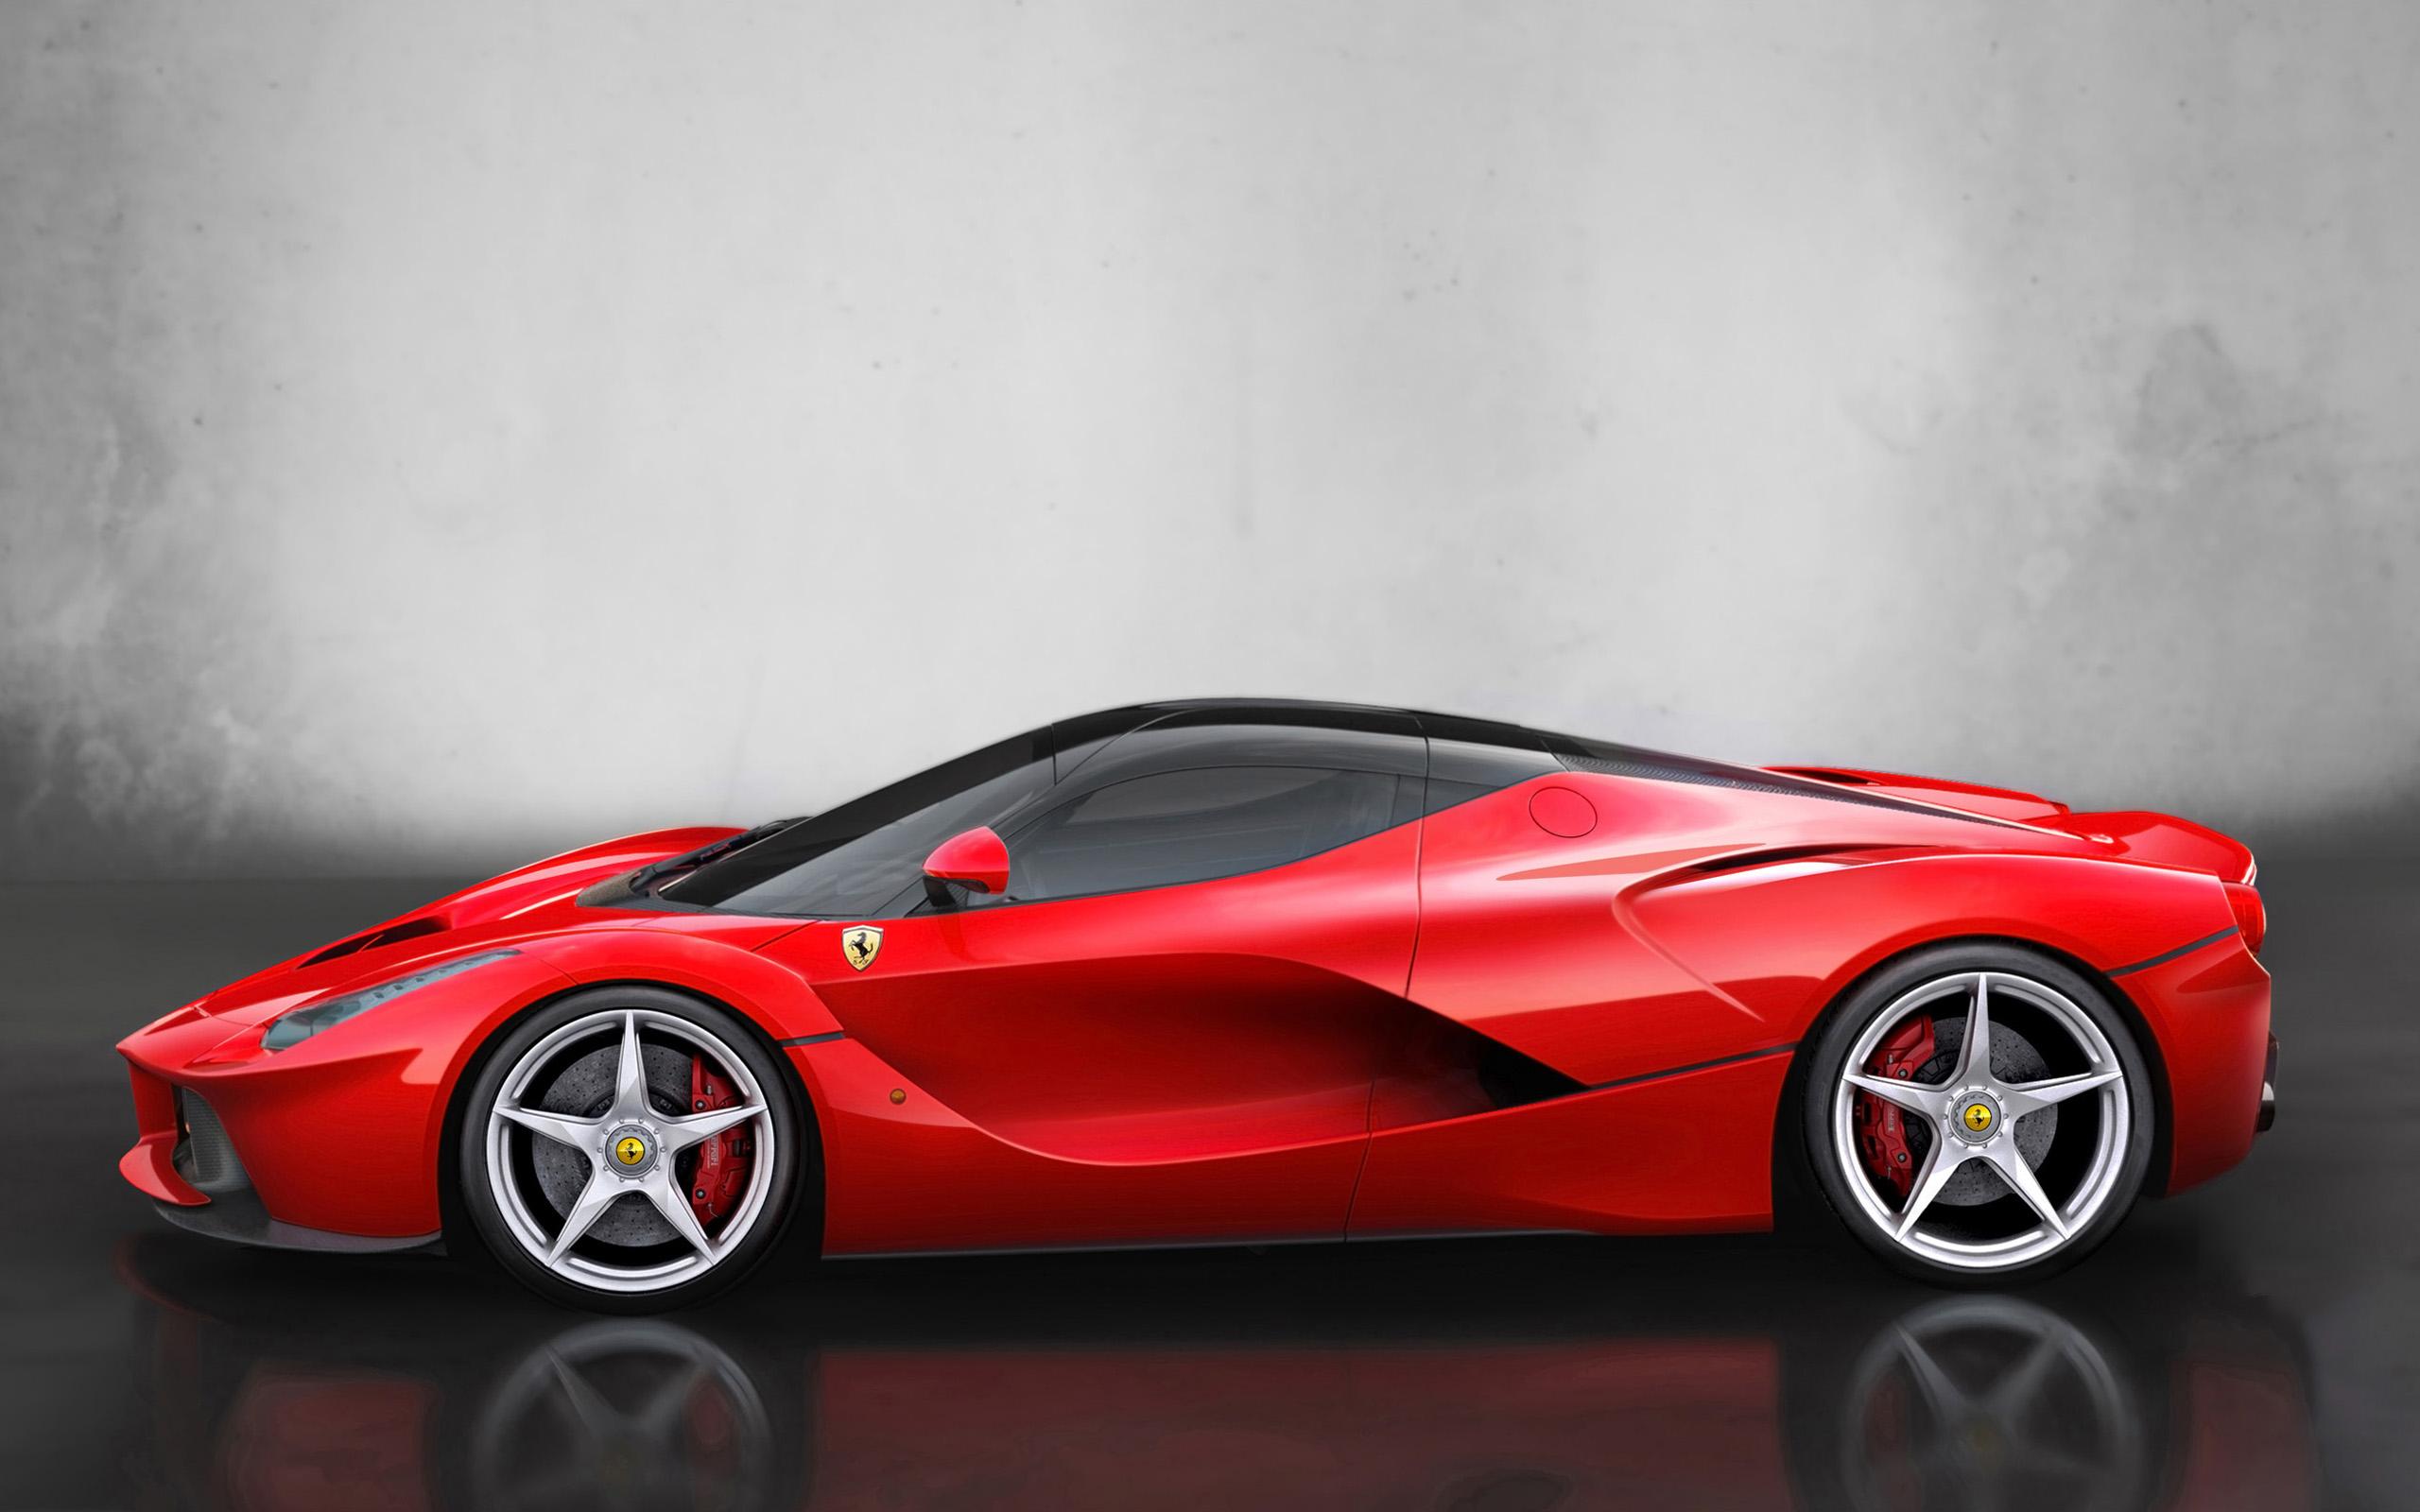 Exceptional 2013 Ferrari LaFerrari 2